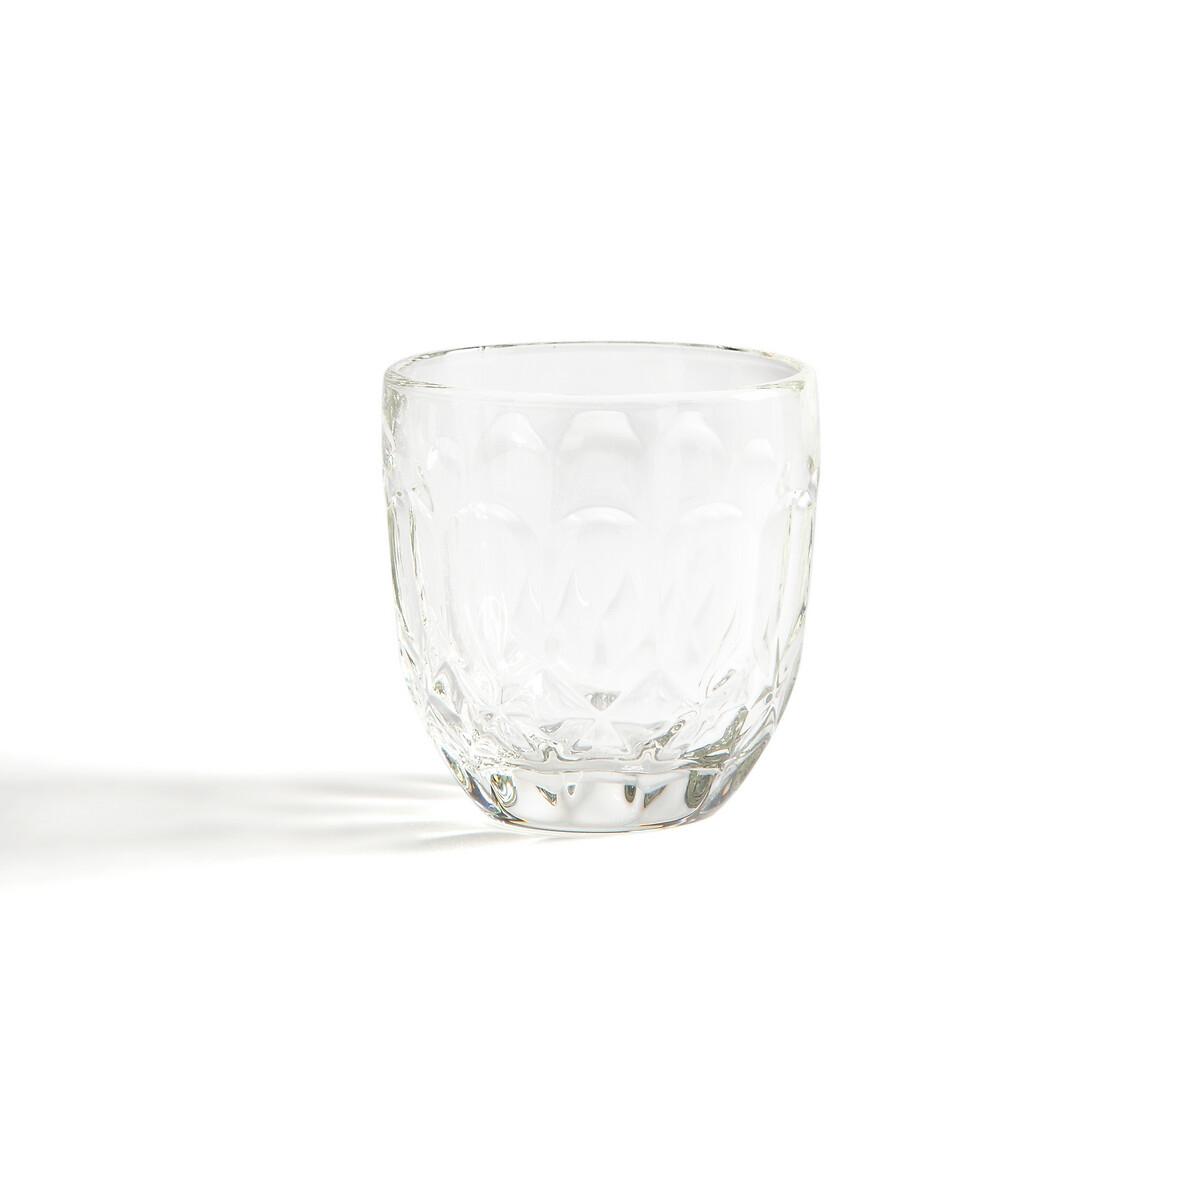 Набор LaRedoute Из 6 стаканов Troquet единый размер другие набор laredoute из 6 стаканов troquet единый размер другие